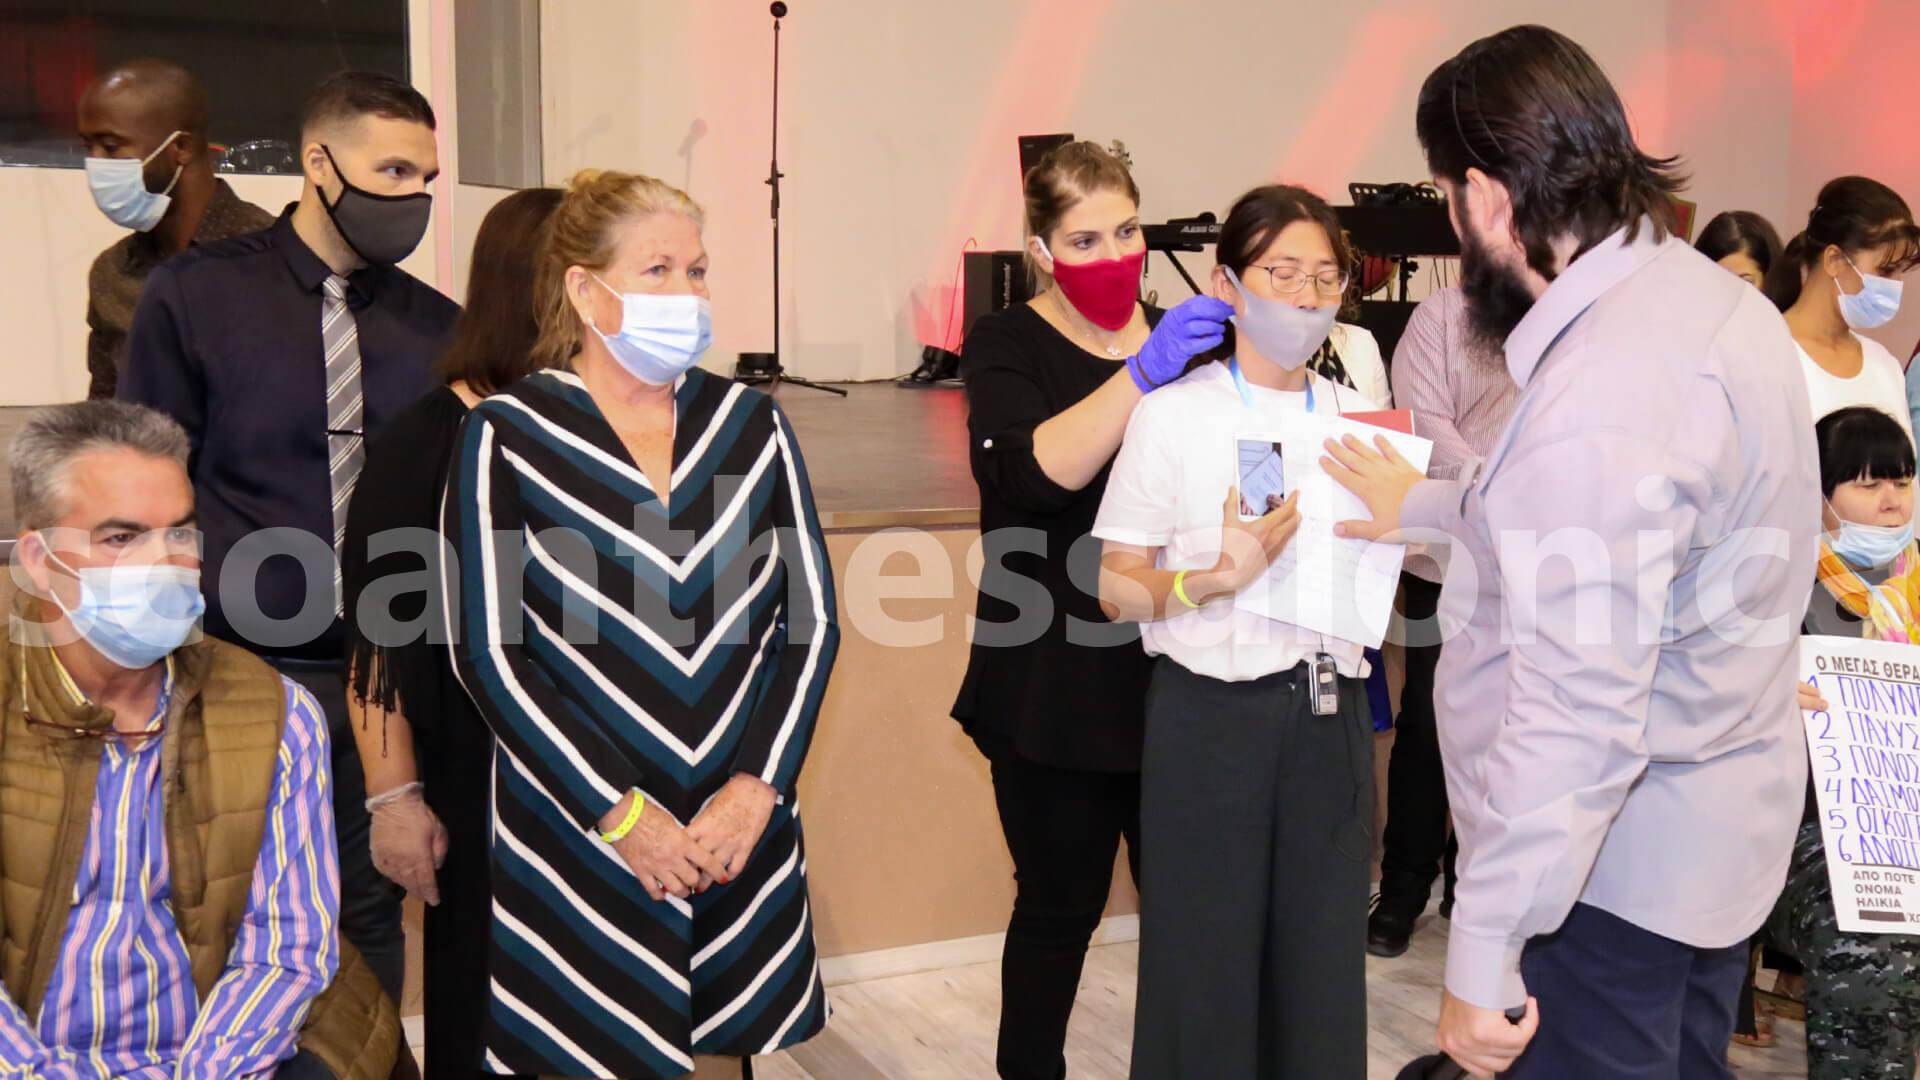 PRAYER_MRS_JIRUNSUN_COOK_2020_10_11